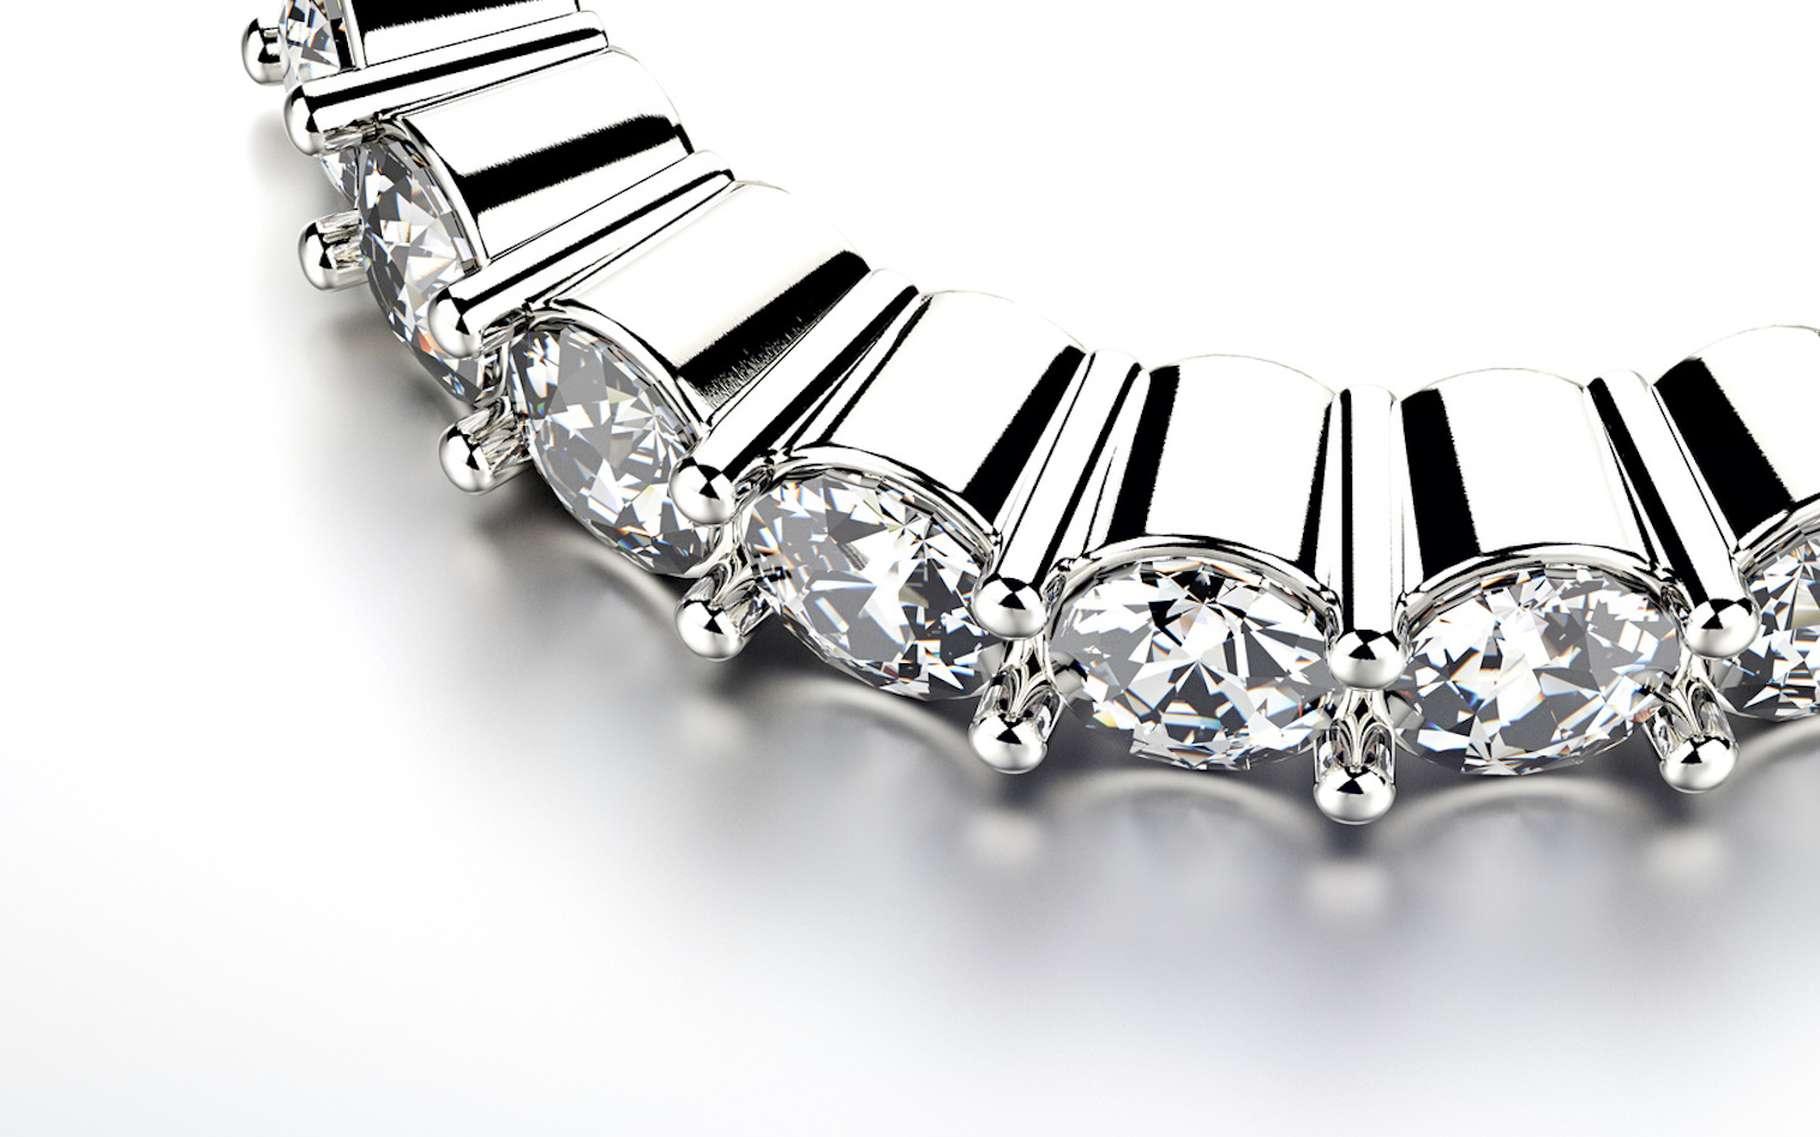 Le carbure de silicium est un minéral, essentiellement de synthèse, prisé par les joailliers pour sa ressemblance avec le diamant. © Rozaliya, Fotolia